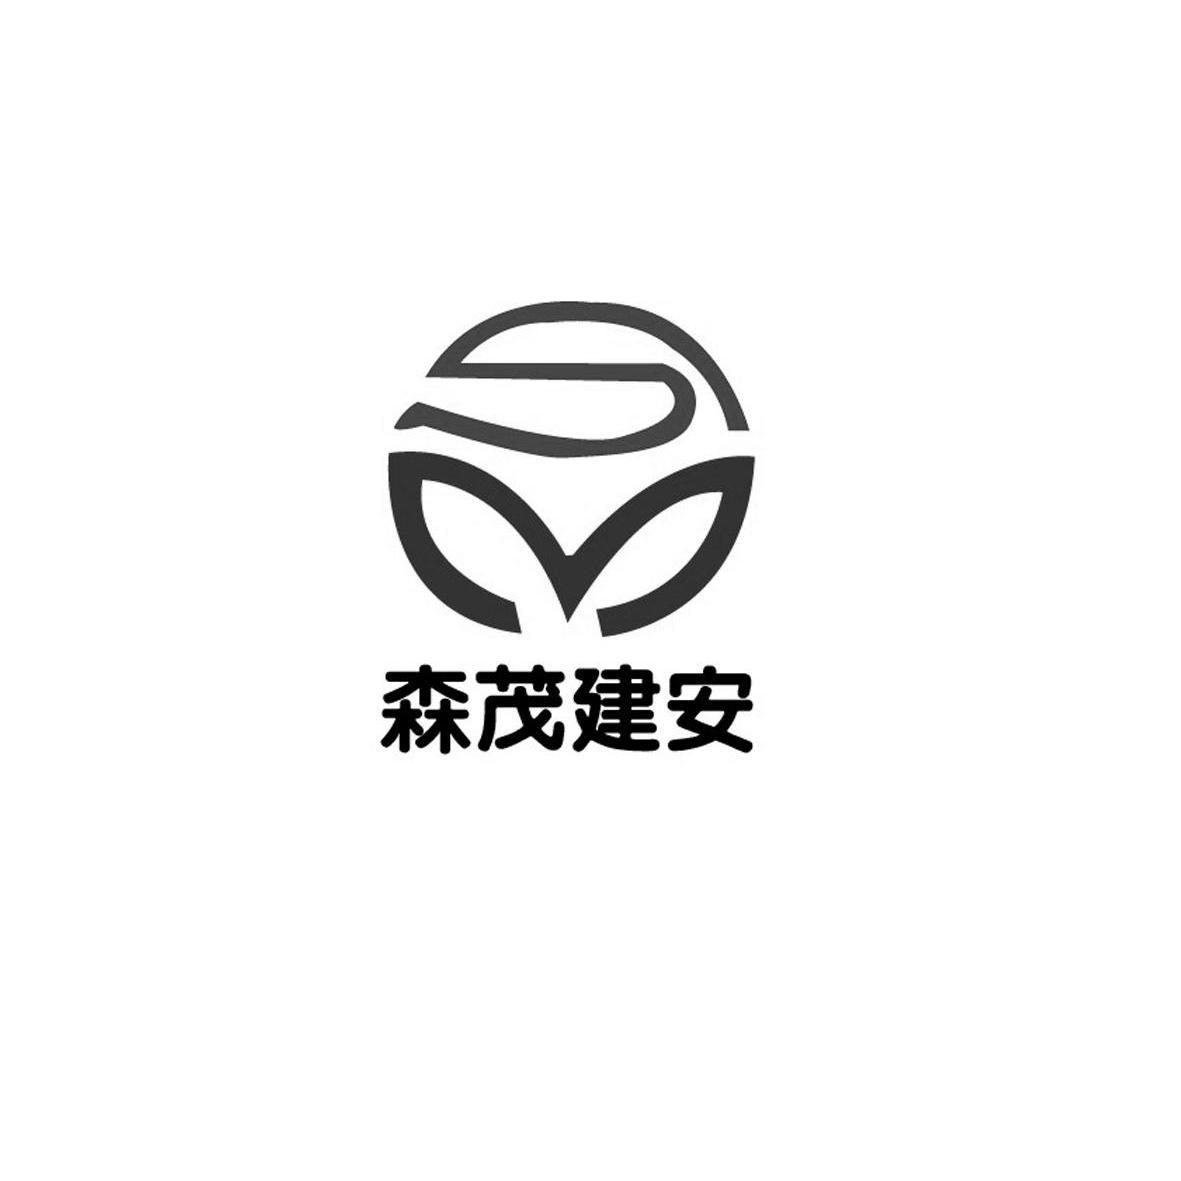 陕西森茂建筑安装工程有限公司_【信用信息_诉讼信息